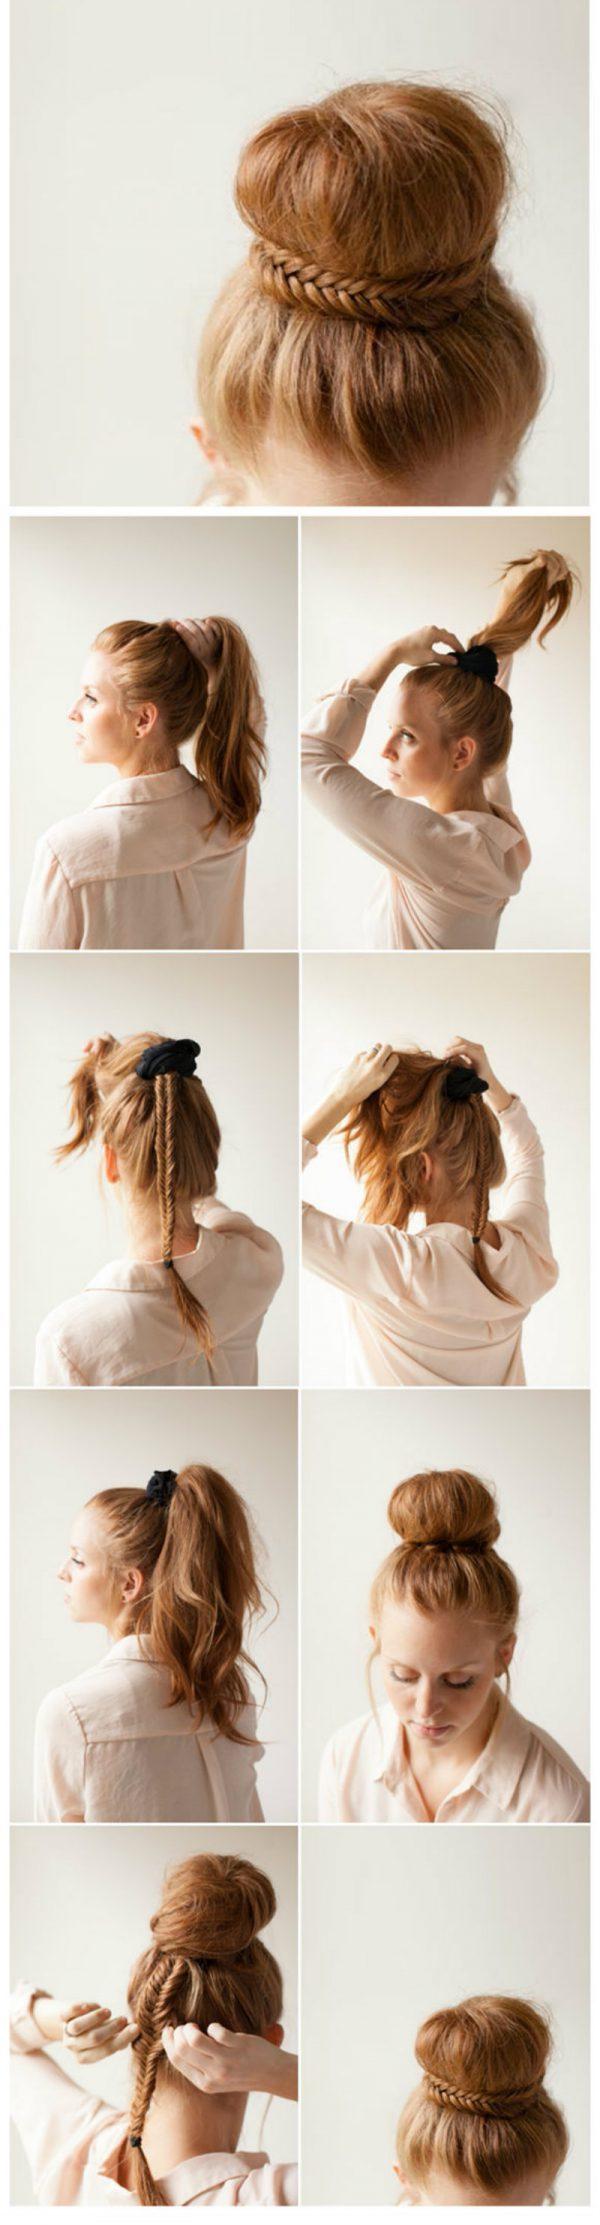 7 вариантов как сделать красивый пучок из волос для волос 325